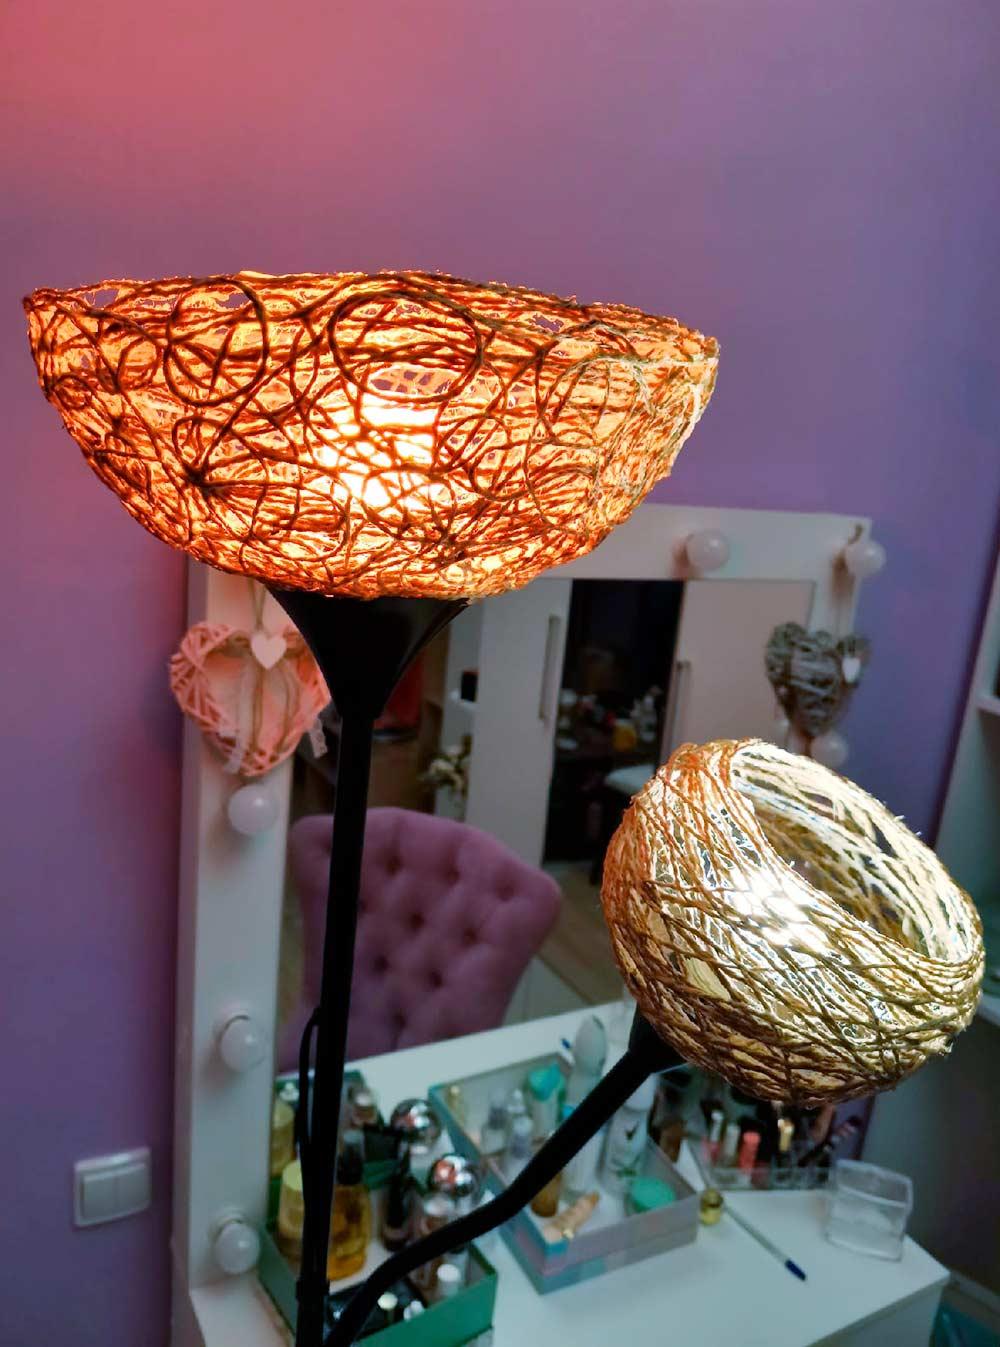 Читаю присвете вот такой лампы из «Икеи». Я сама ее апгрейдила на карантине: сделала новые плафоны из воздушного шара, джутового шпагата и клея ПВА. На два таких абажура у меня ушло 100метров шпагата и почти литр клея